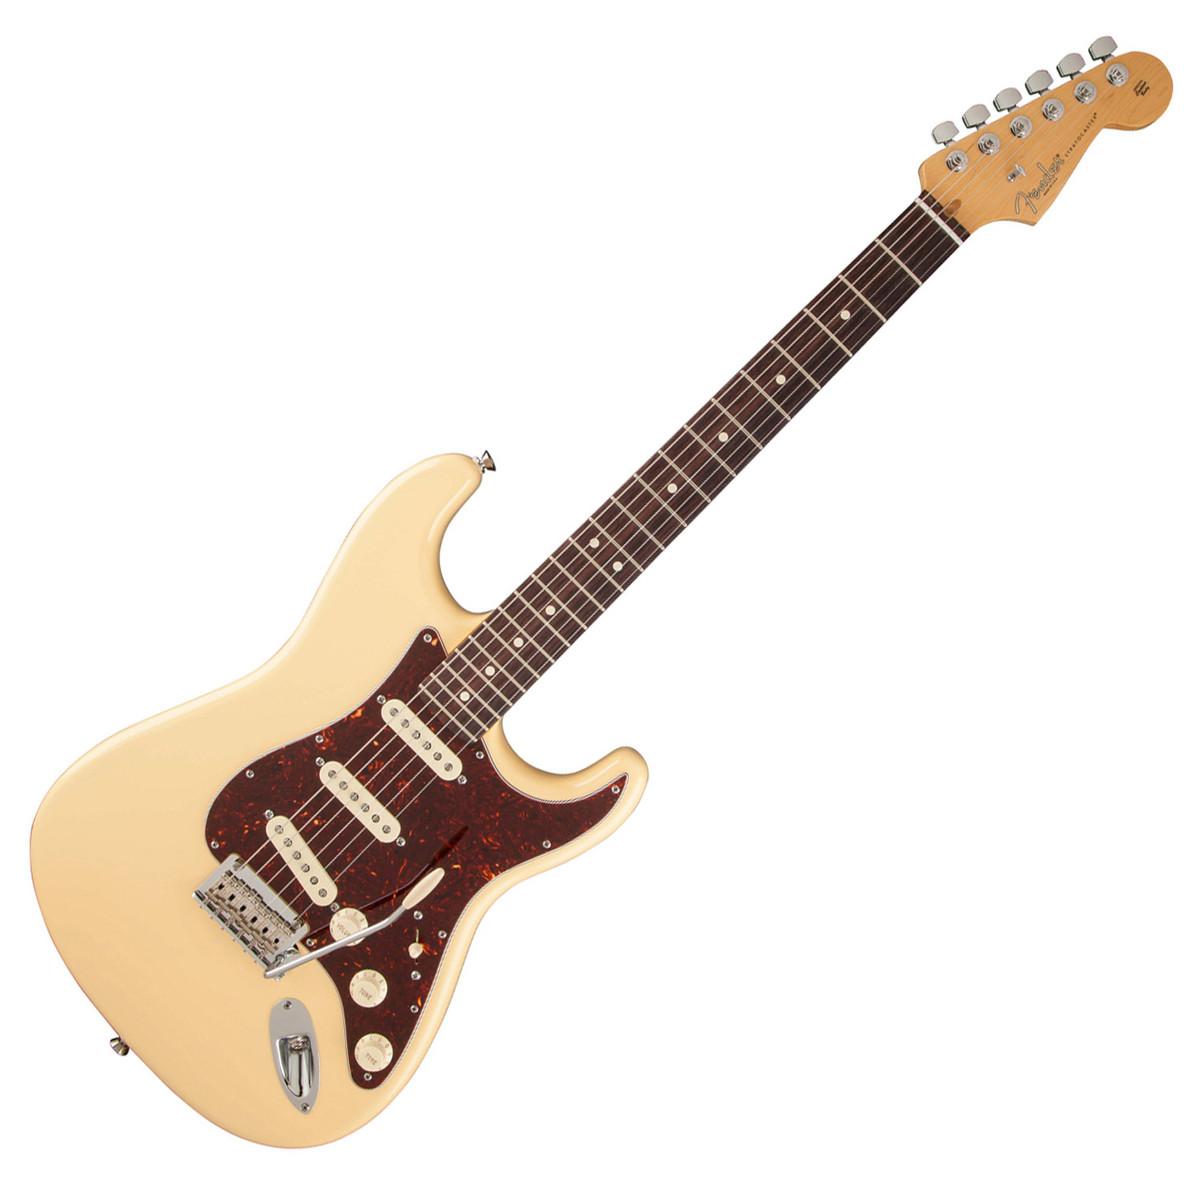 fender fsr american standard stratocaster rw vintage white at gear4music. Black Bedroom Furniture Sets. Home Design Ideas